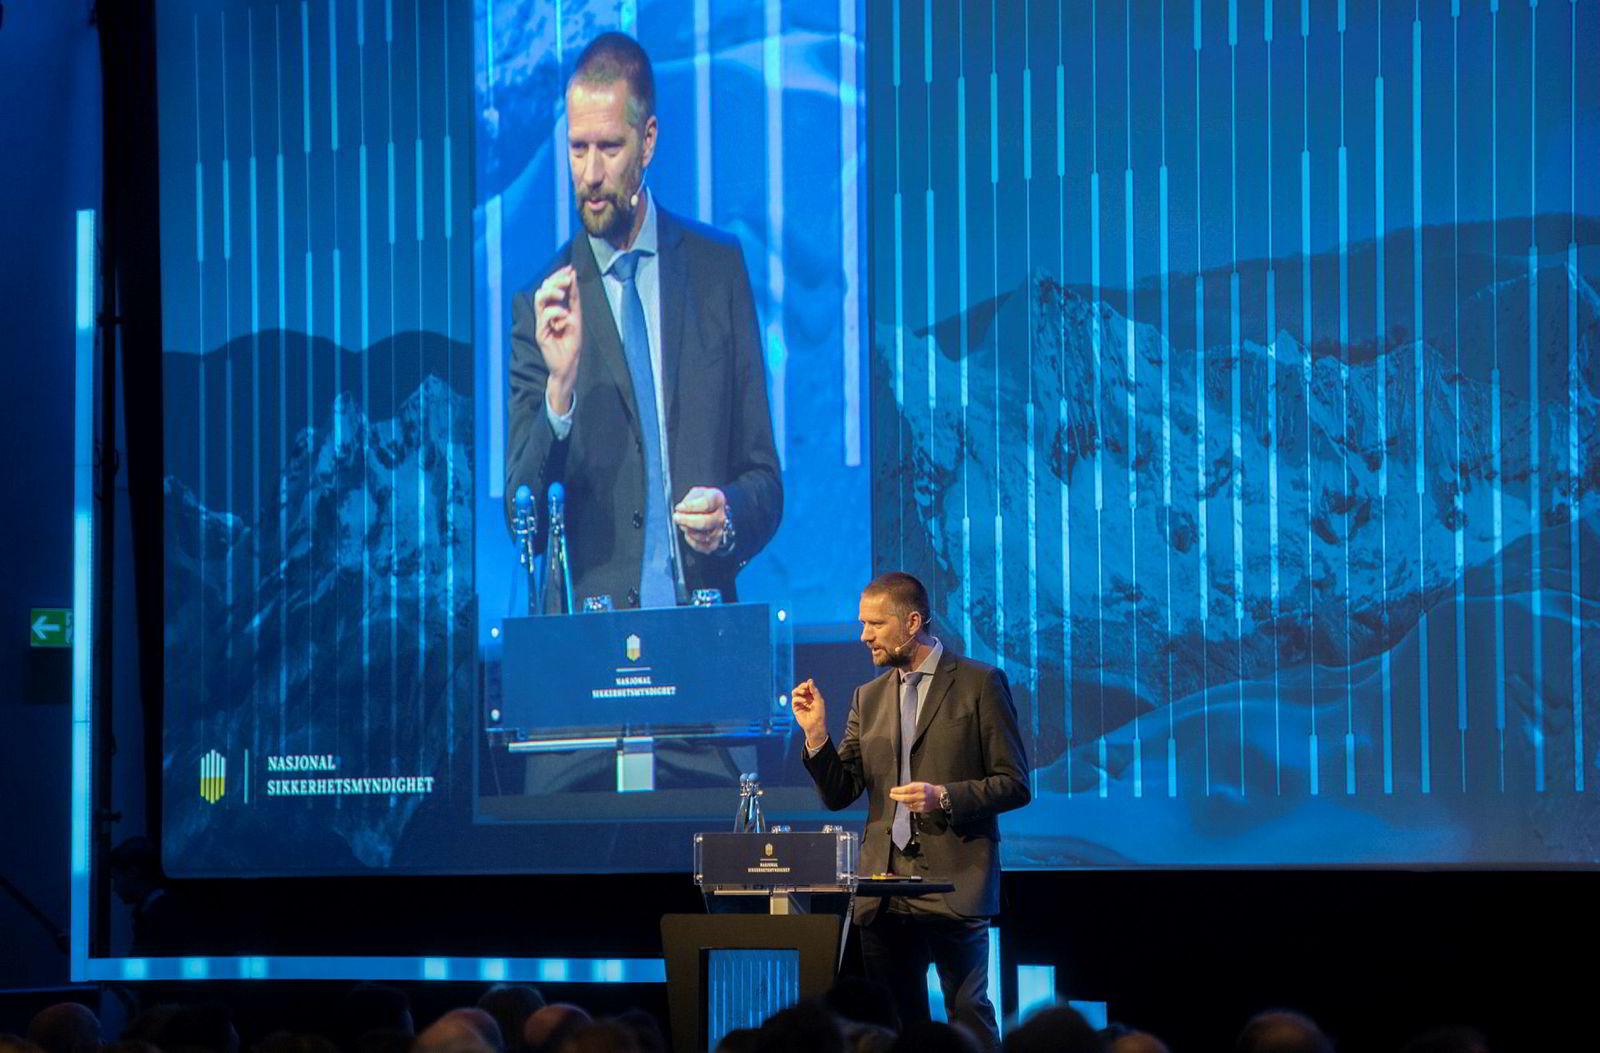 Guillaume Poupard, sjef for franske ANSSI, gjestet Sikkerhetskonferansen i Oslo onsdag.